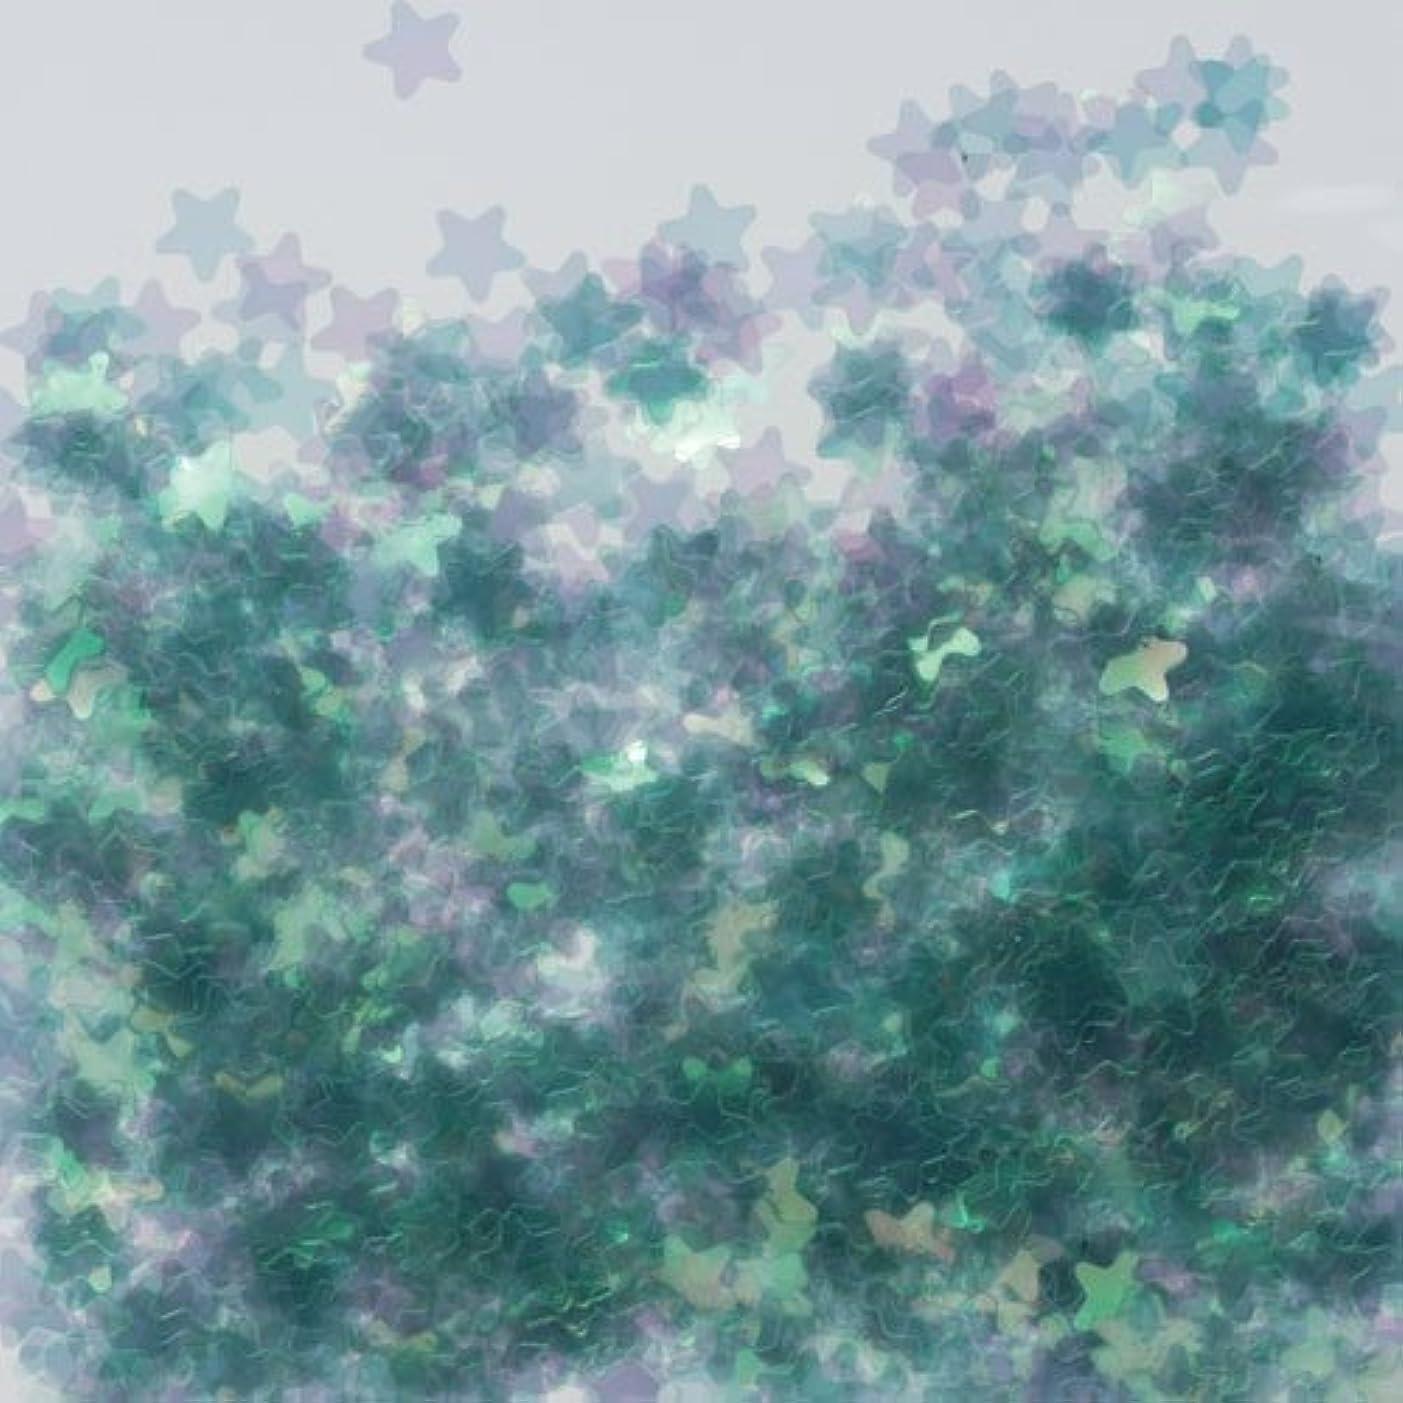 考えるフェリーまつげピカエース ネイル用パウダー 星オーロラ 耐溶剤 #770 グリーン 0.5g